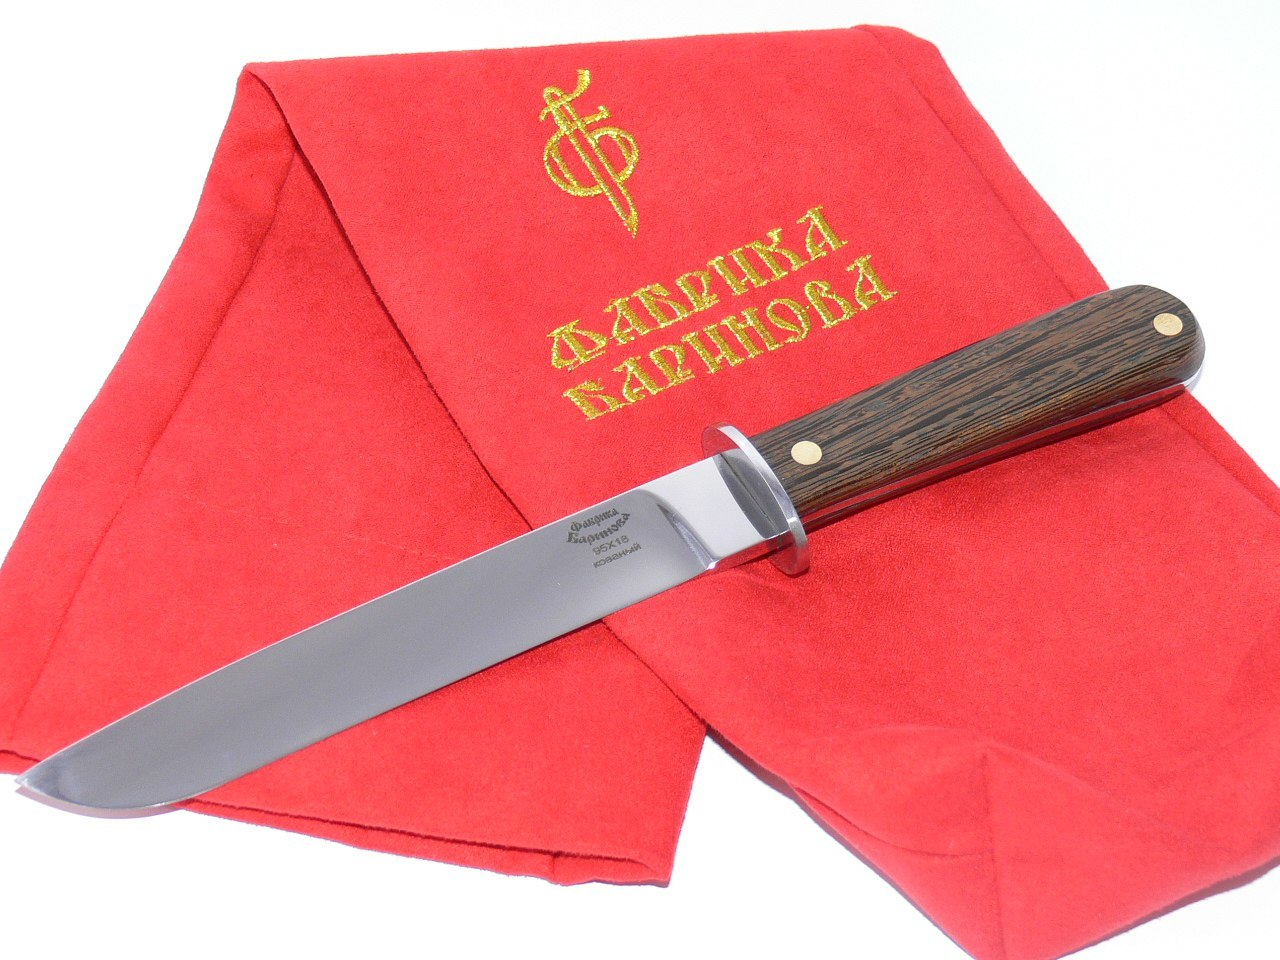 Фото 19 - Нож Окопник-2 95Х18, венге от Фабрика Баринова